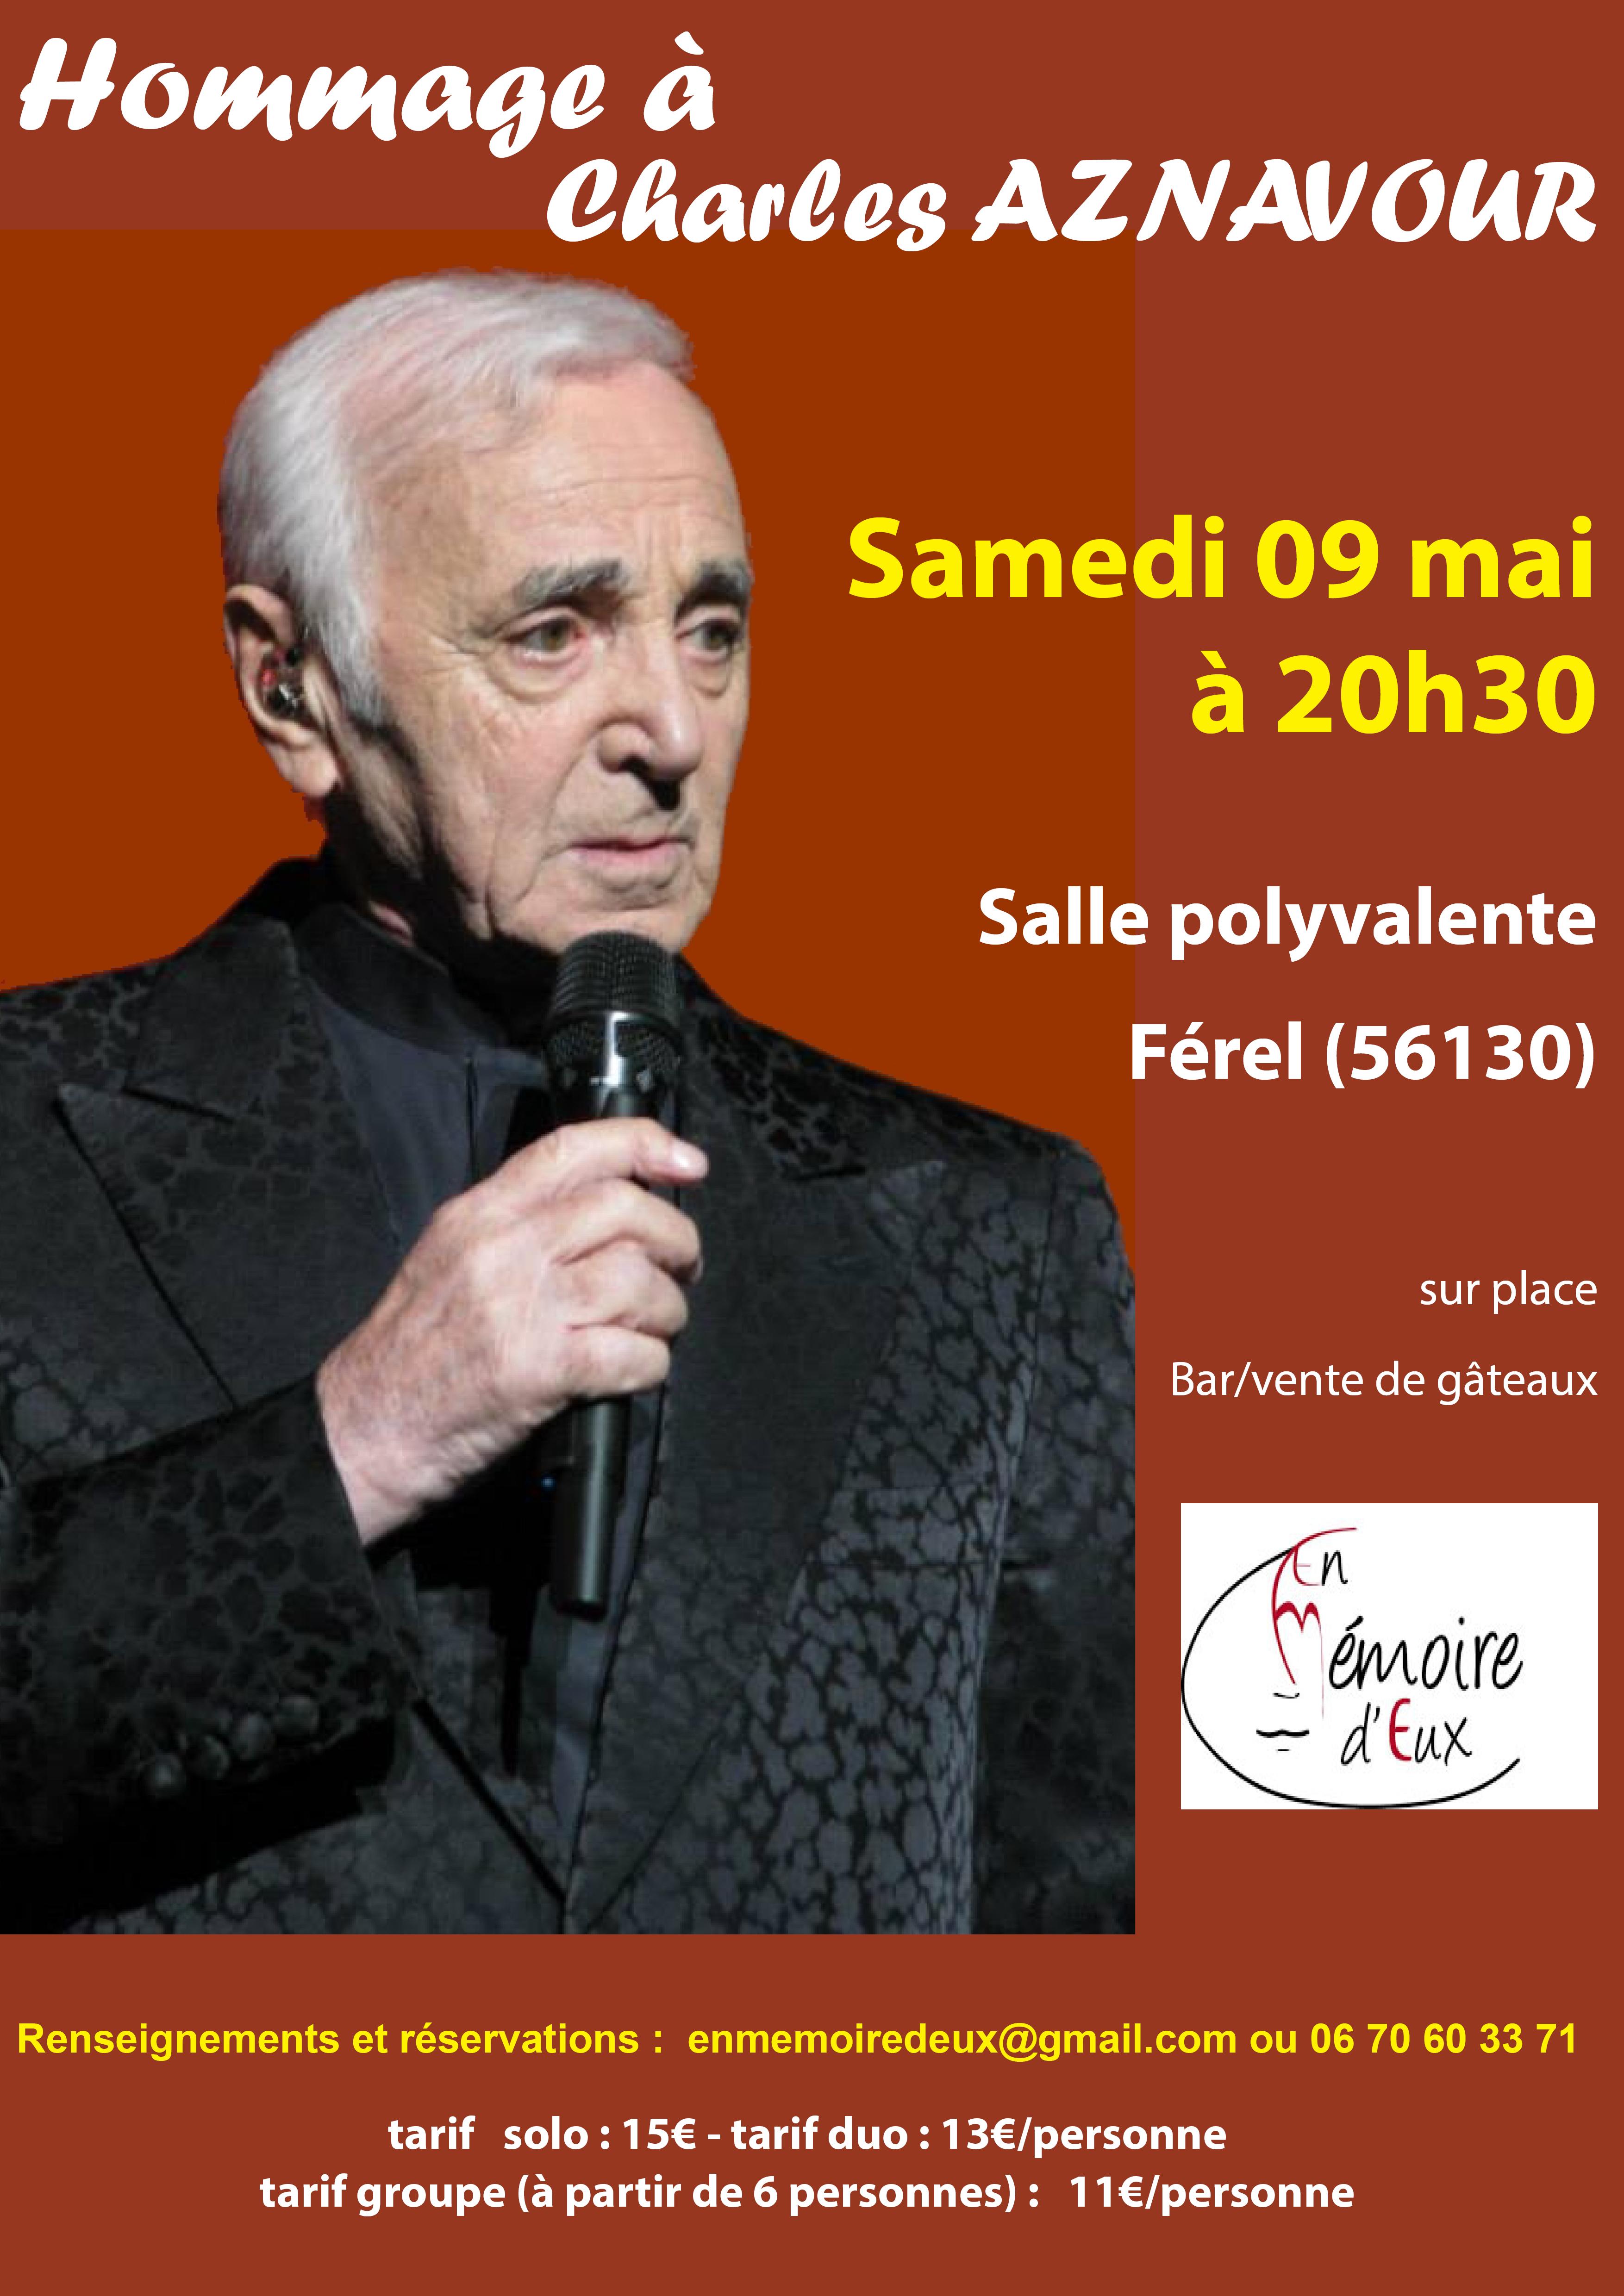 affiche Aznavour